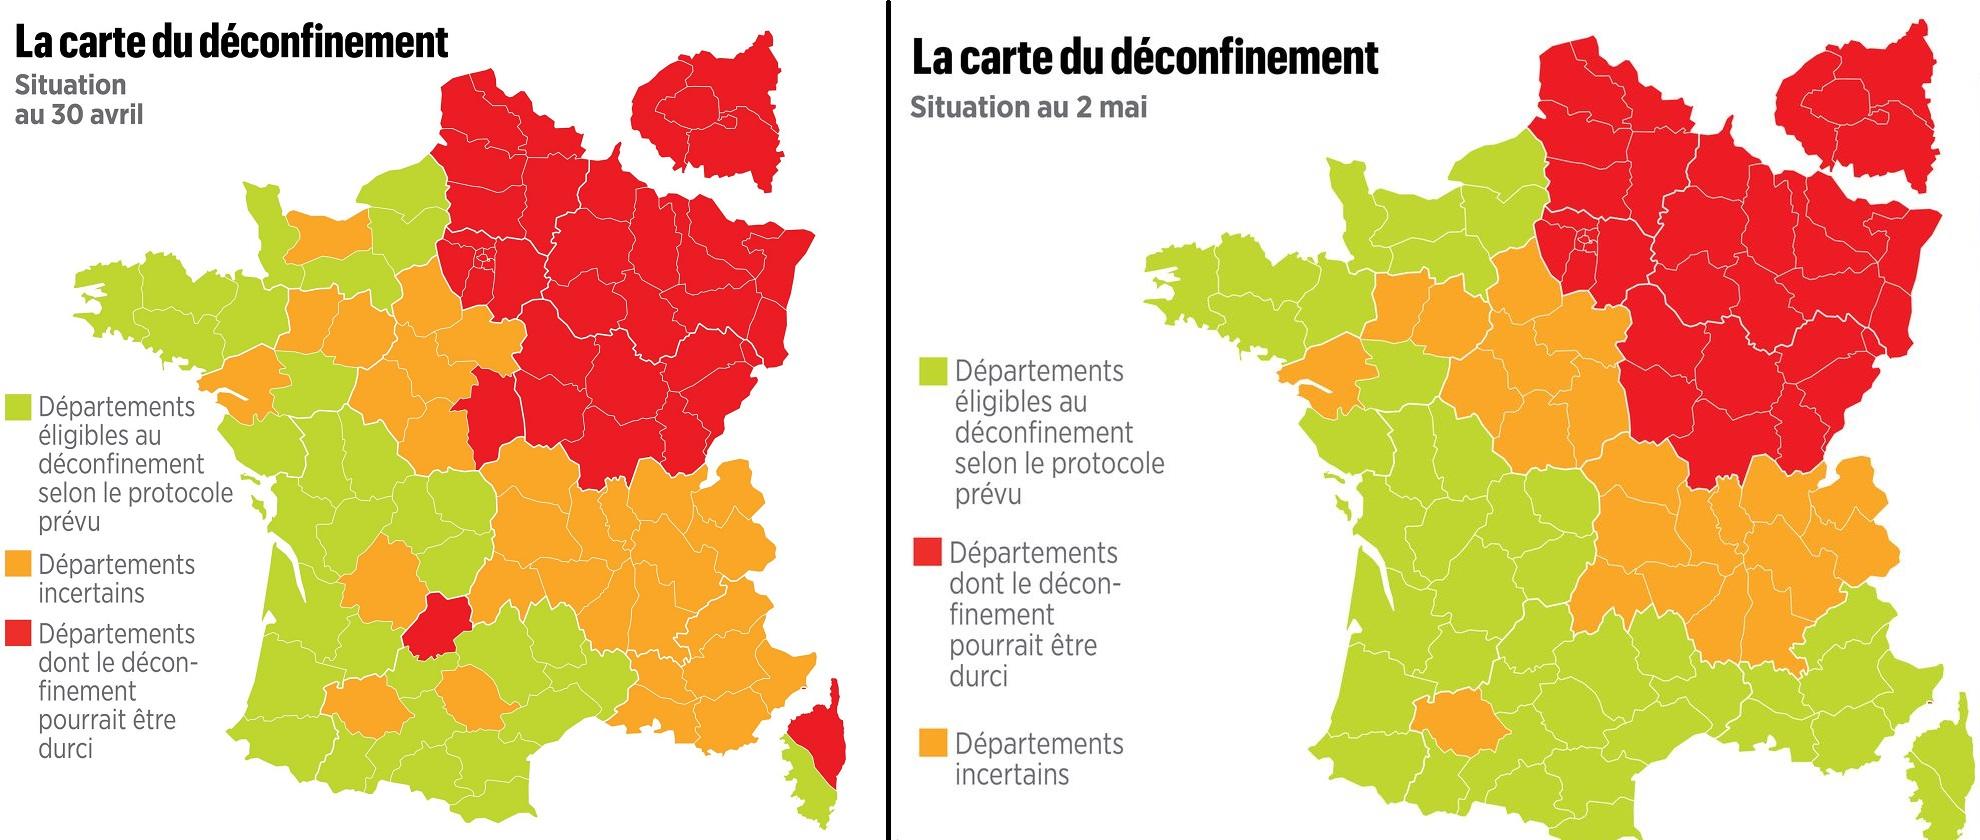 200502 - Cartes du déconfinement des 30 avril et 2 mai by Gouvernement - La Déviation